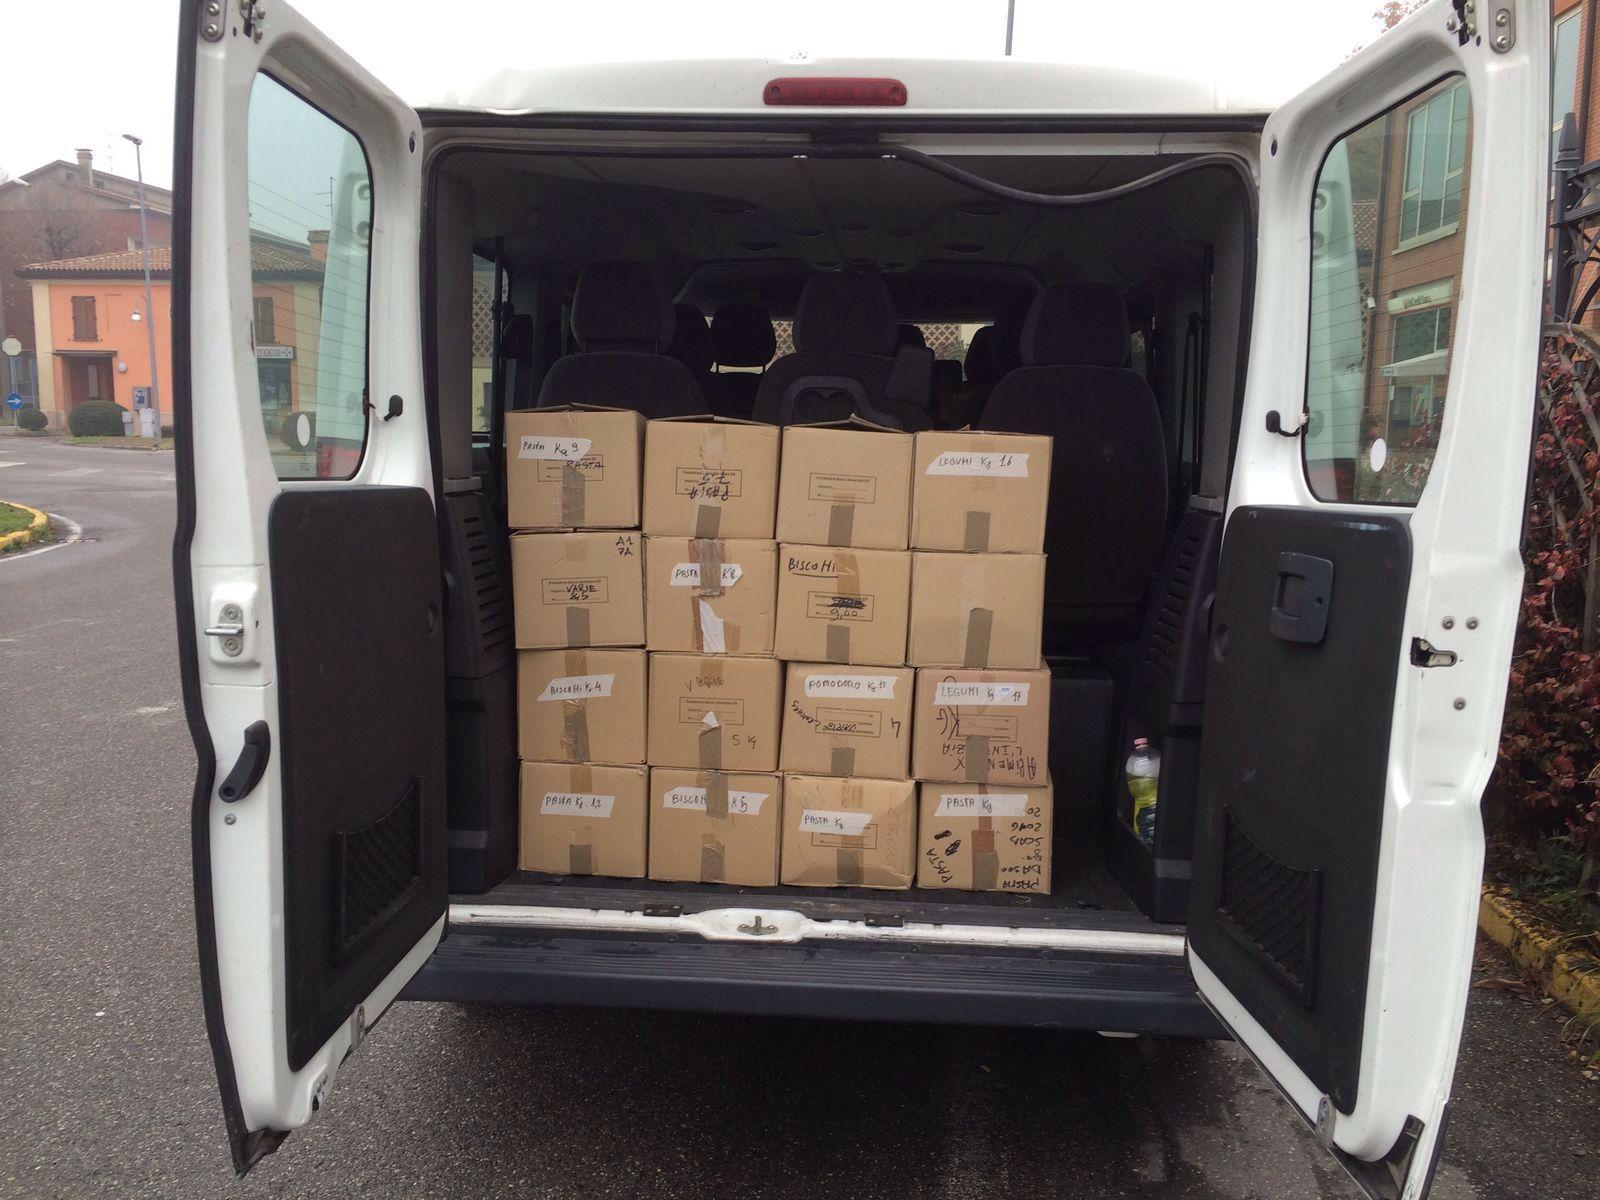 Il pulmino parrocchiale carico di scatoloni pronti per la consegna.